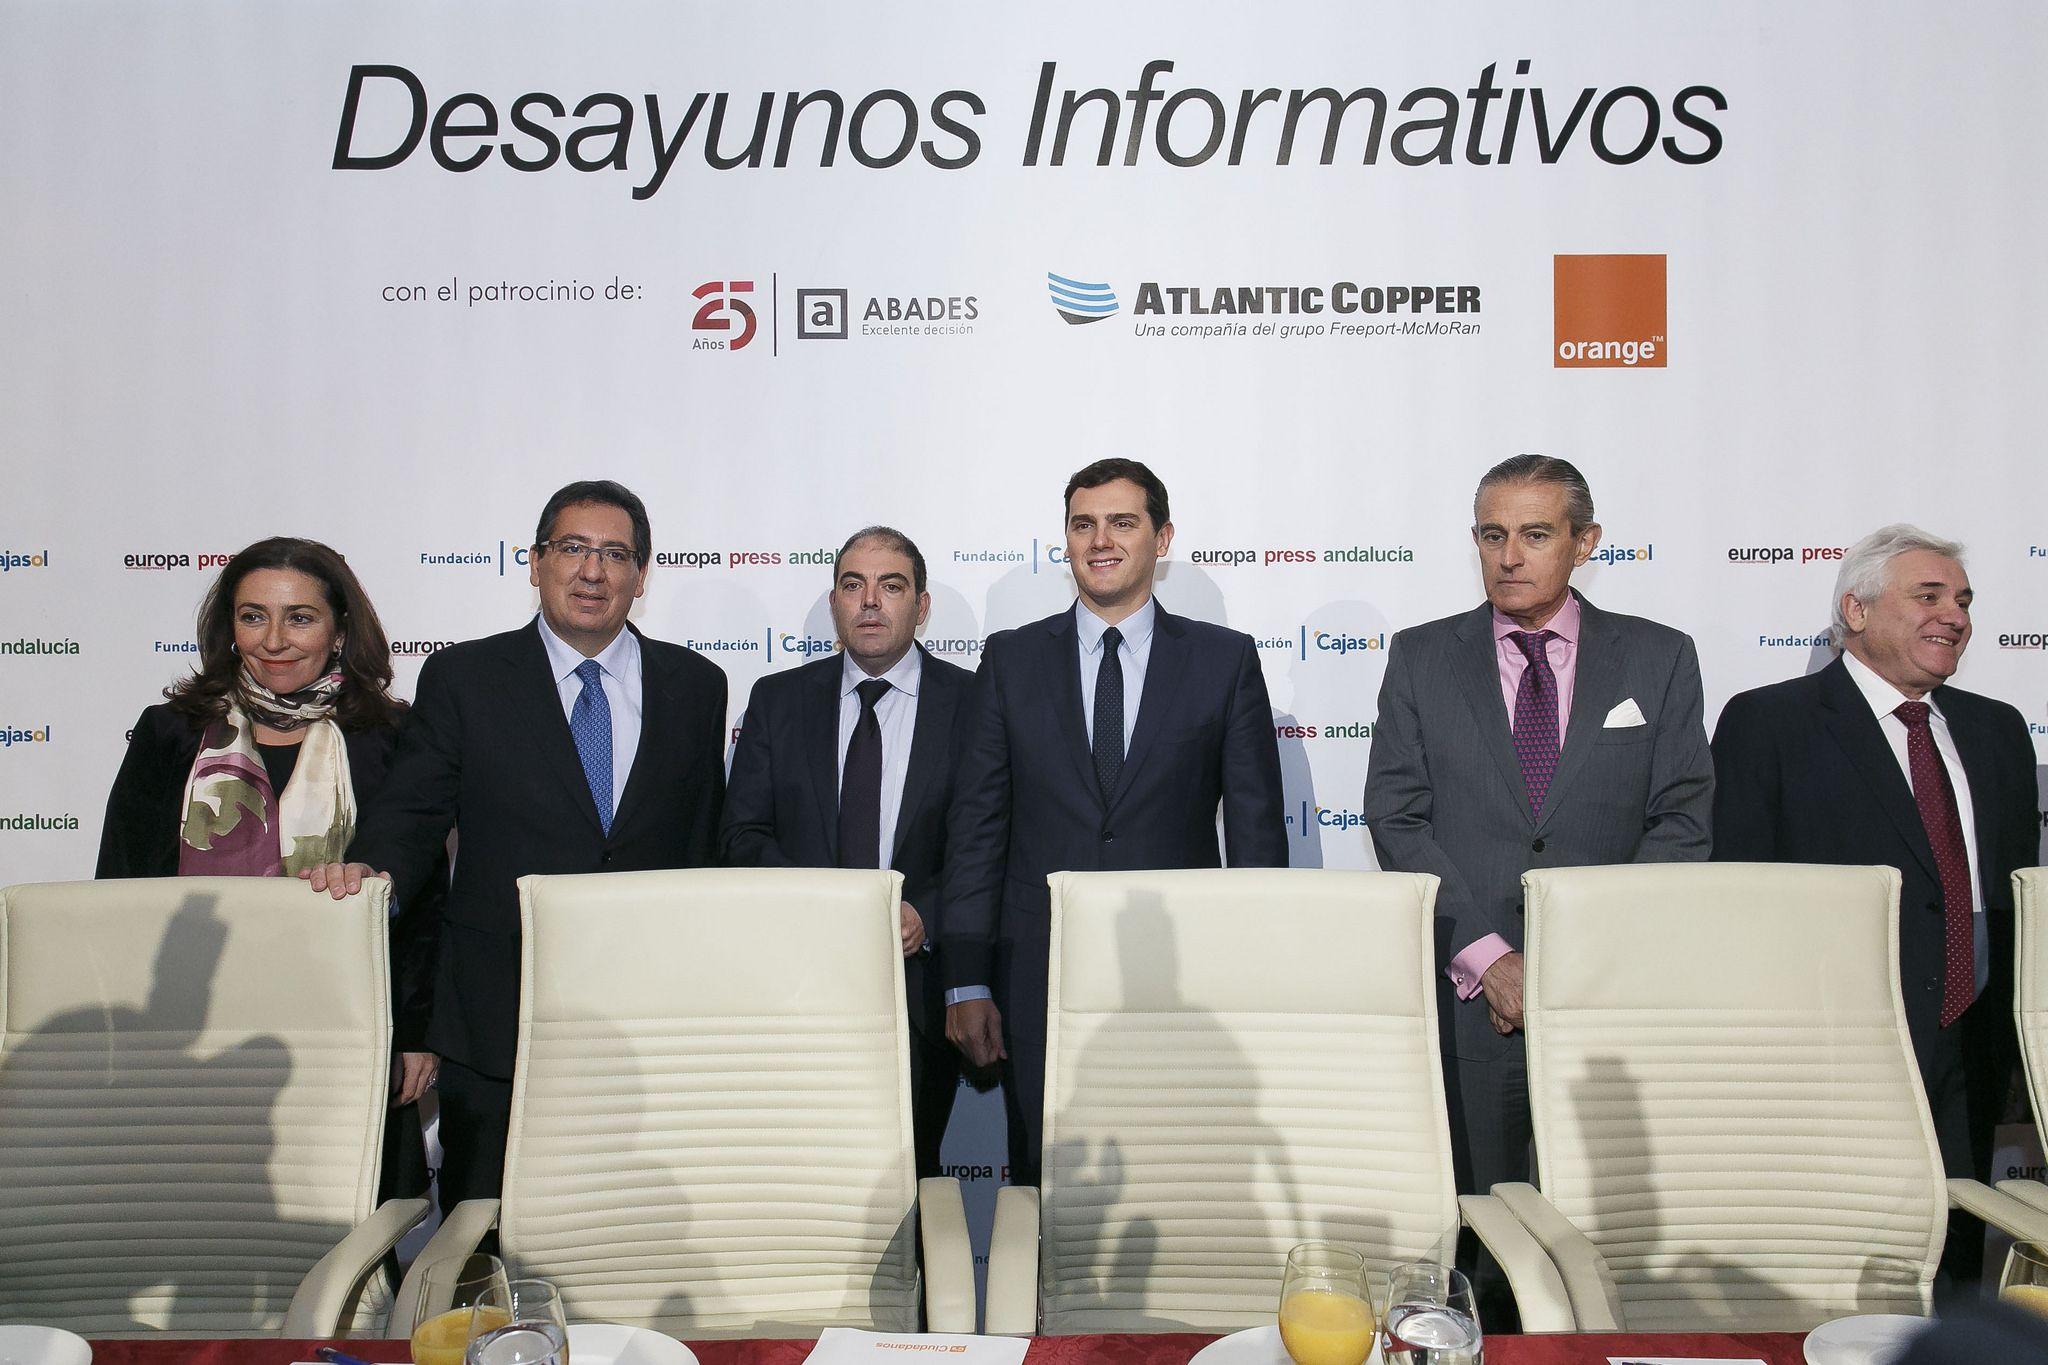 Desayunos de Europa Press Andalucía en la Fundación Cajasol, con Lorenzo Amor, Presidente de la ATA